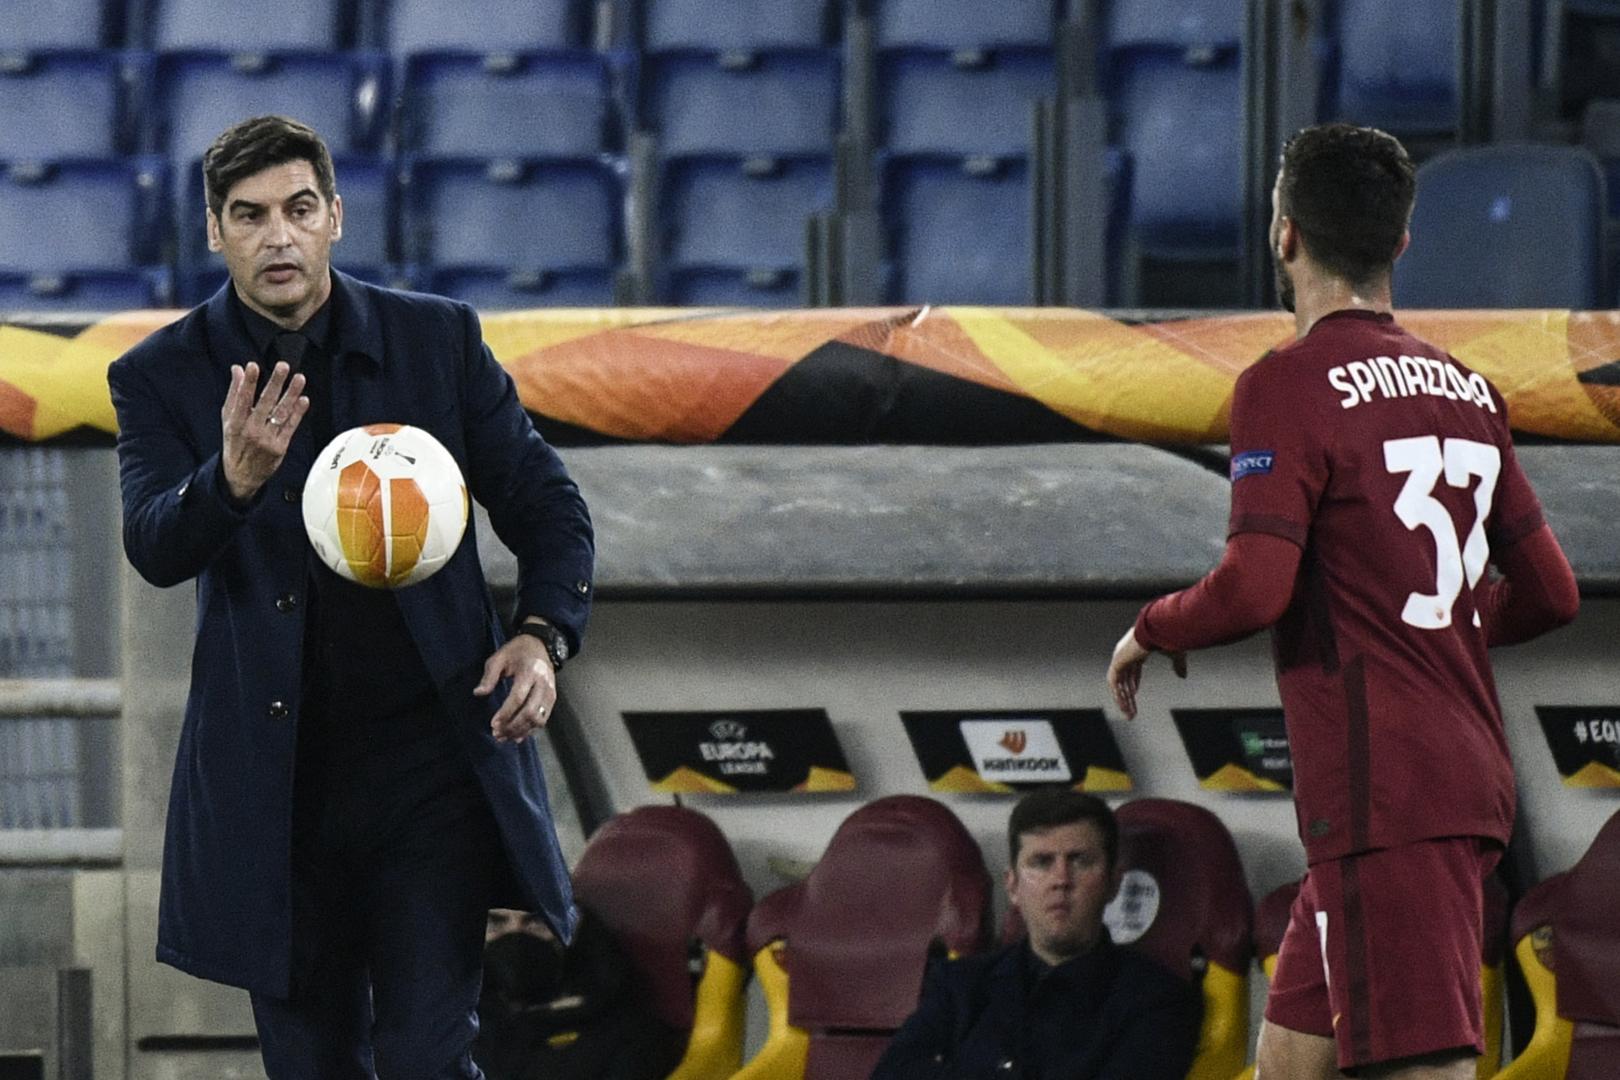 روما الإيطالي ينفصل عن مدربه فونسيكا